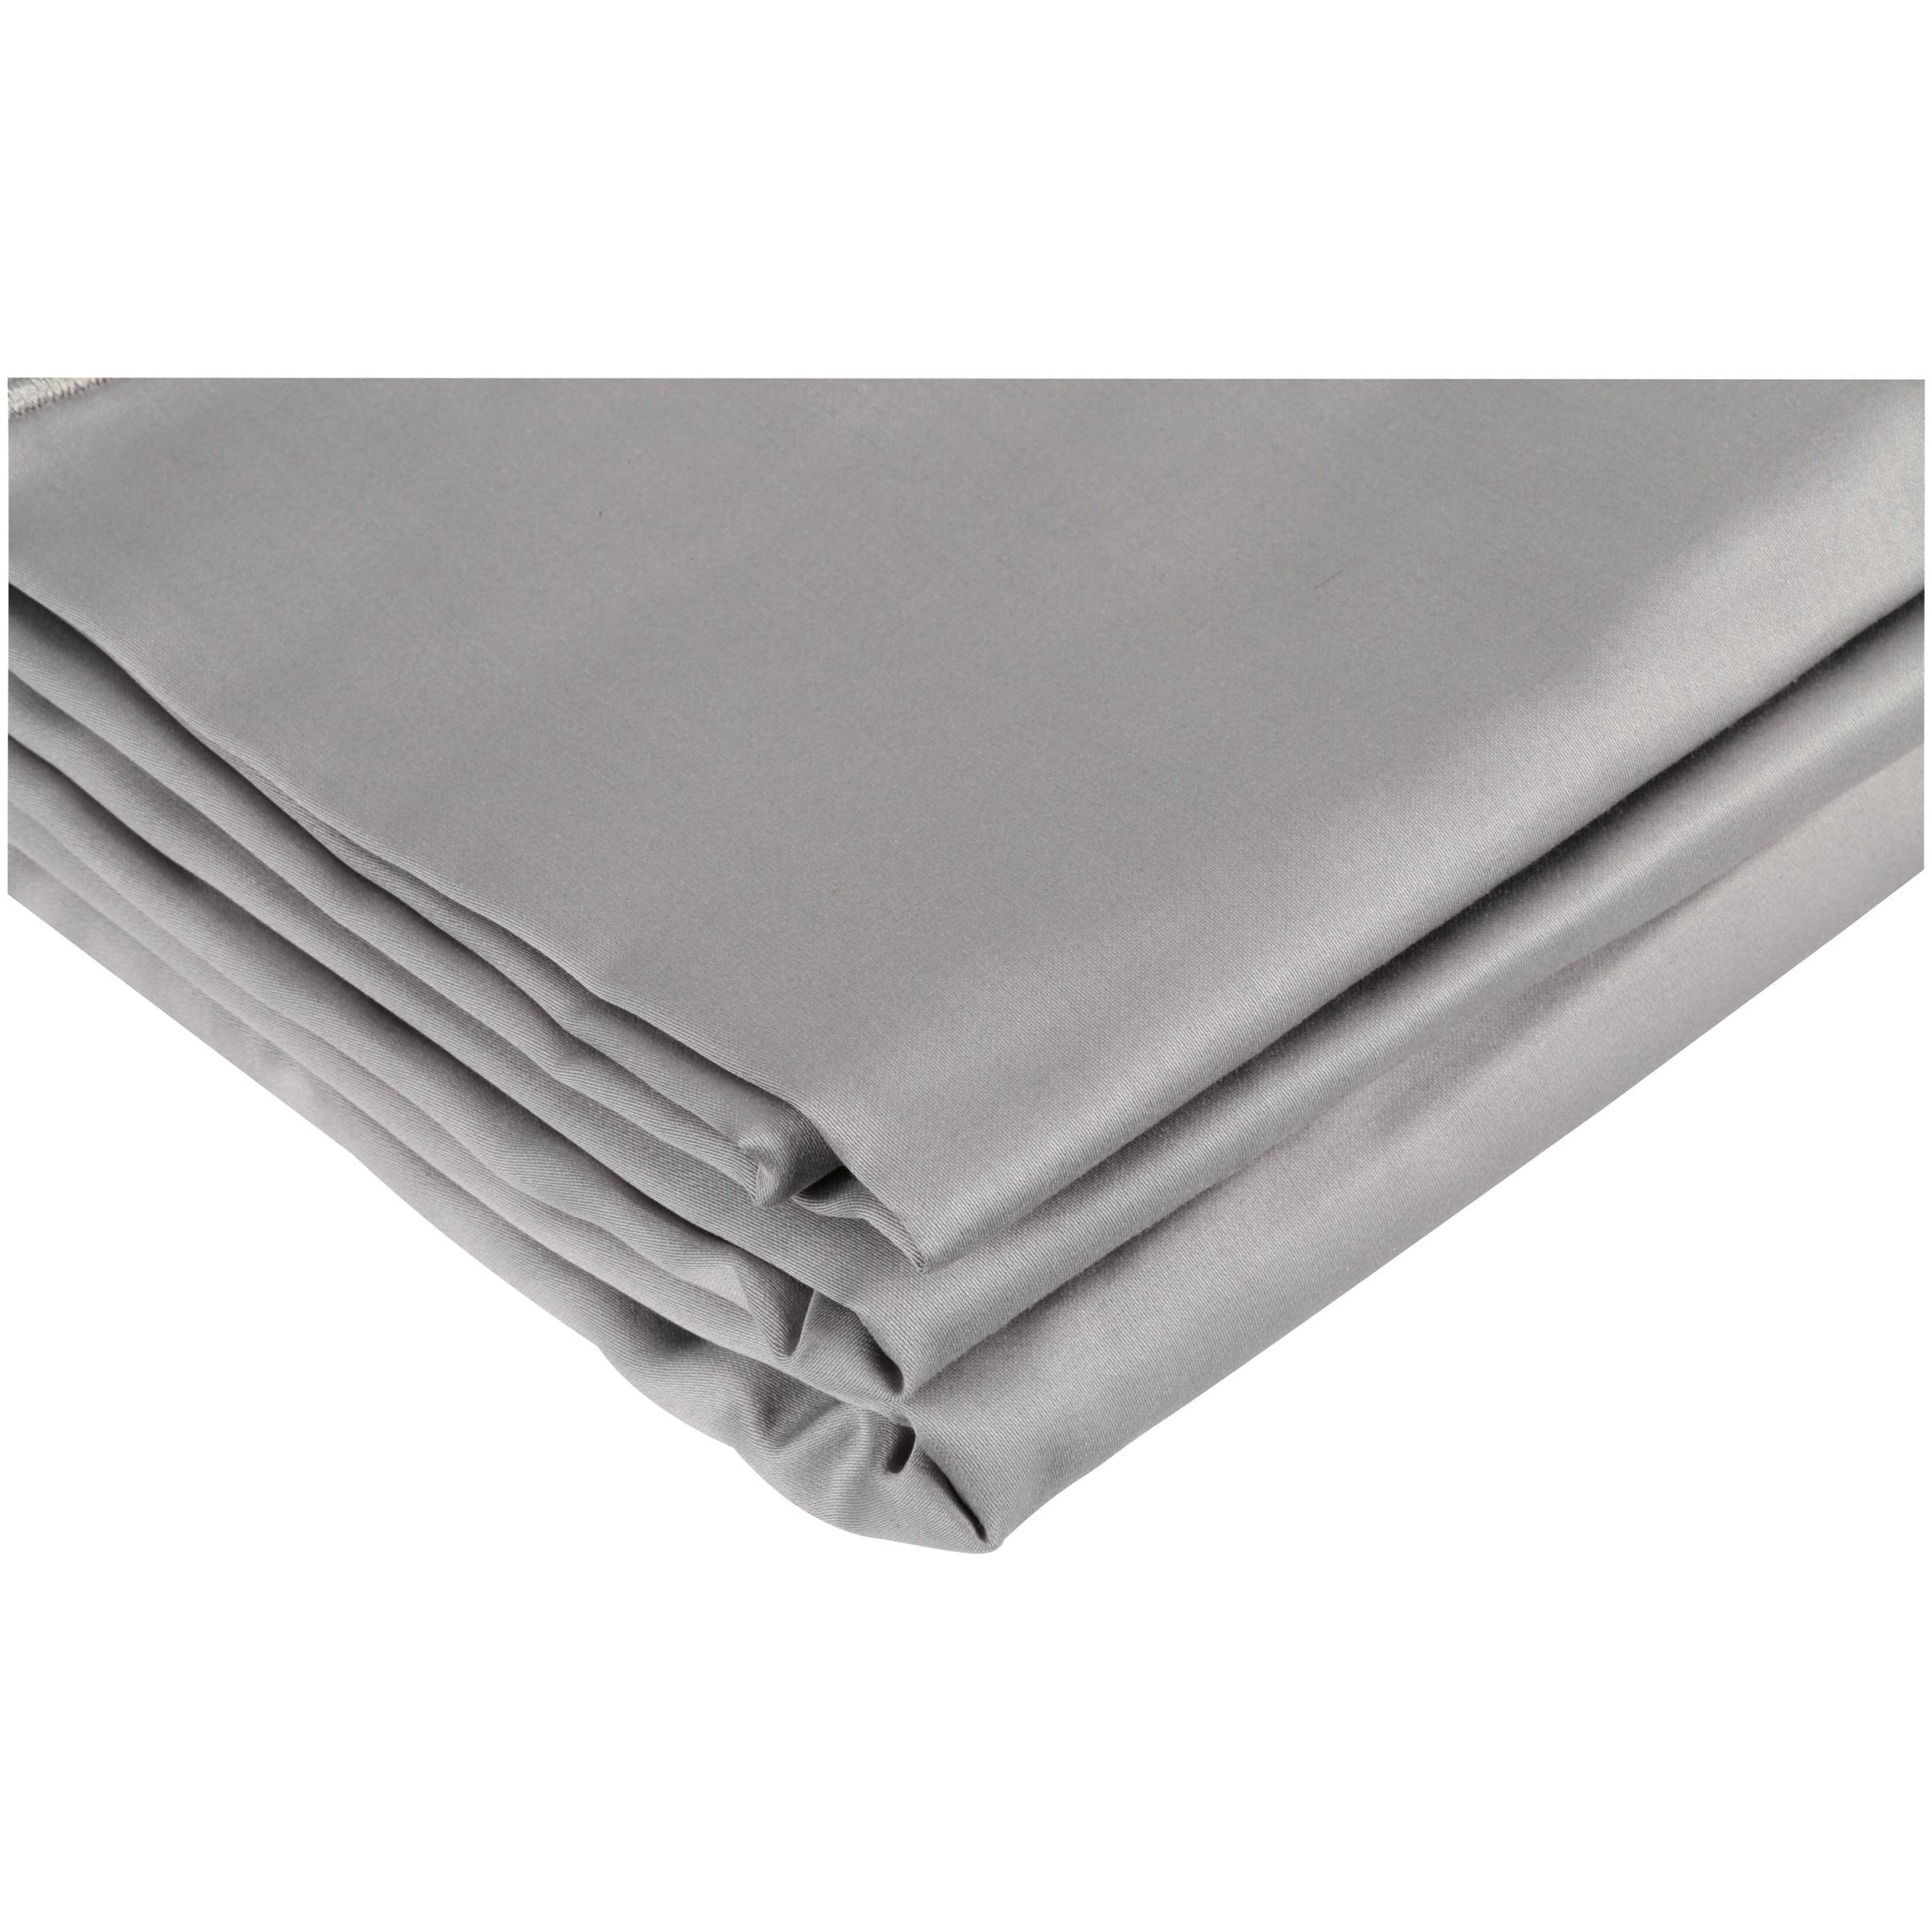 Better Homes & Gardens 400 Thread Count White Full Sheet Set 4 pc